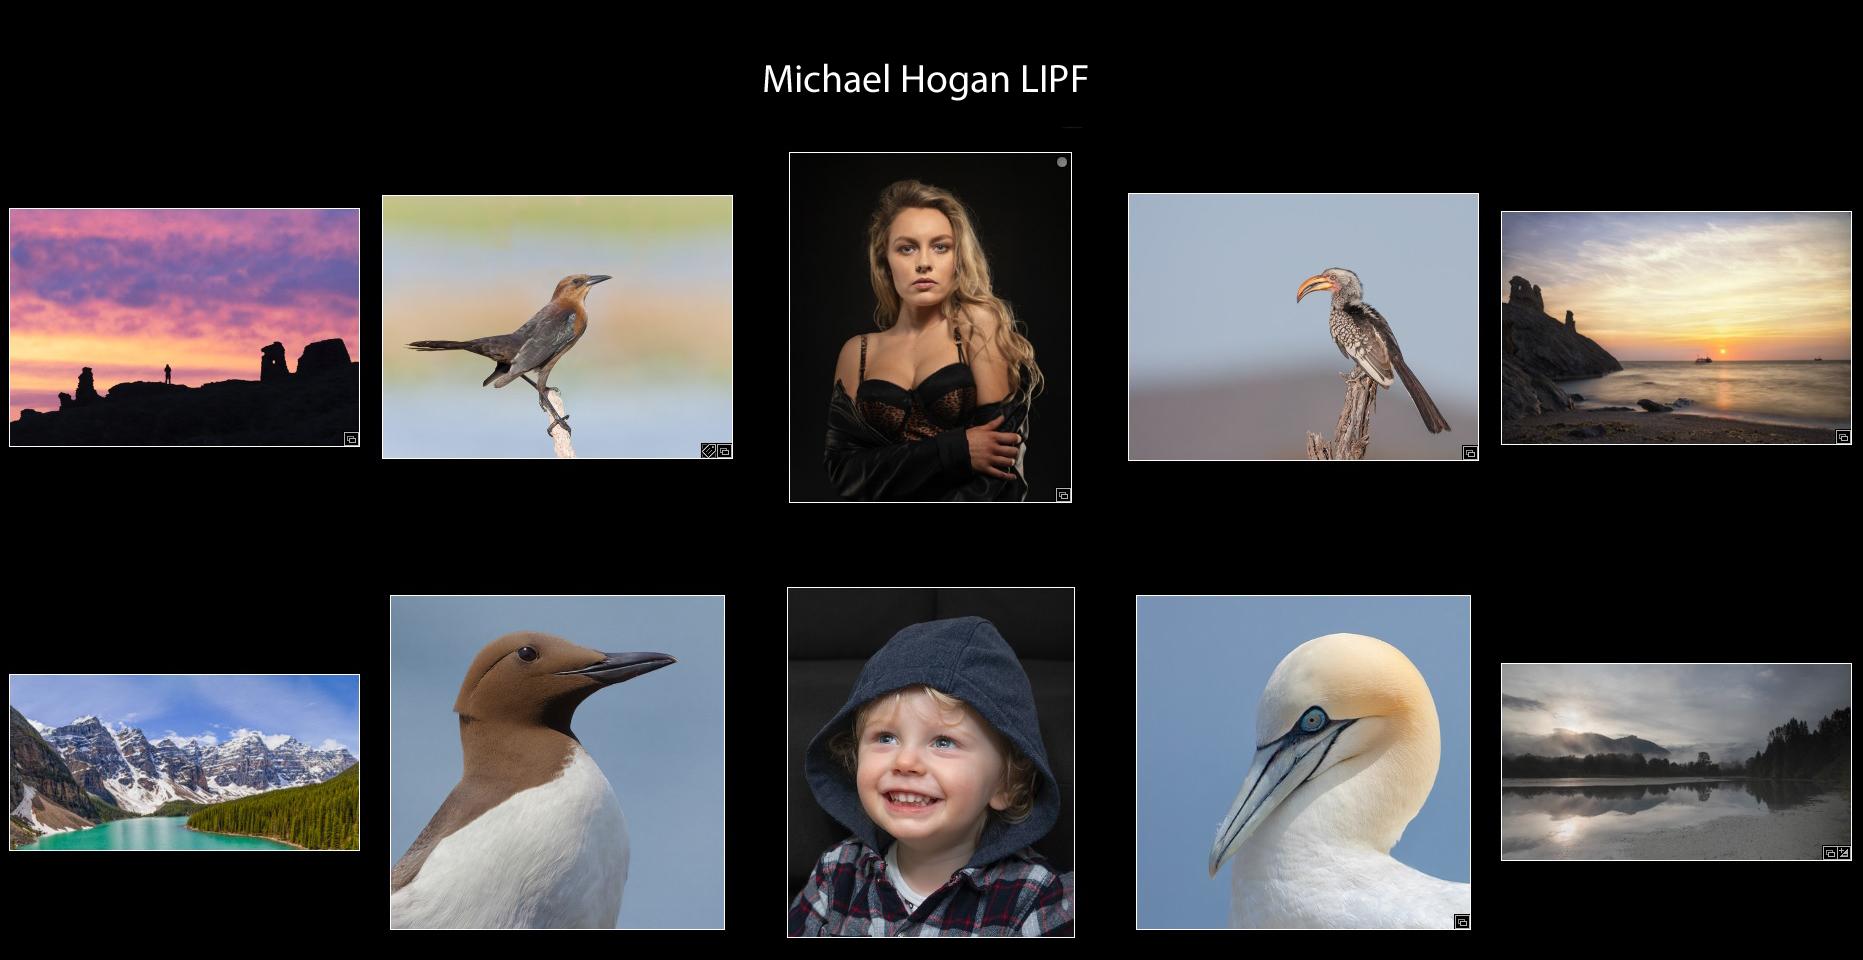 L01-Michael-Hogan